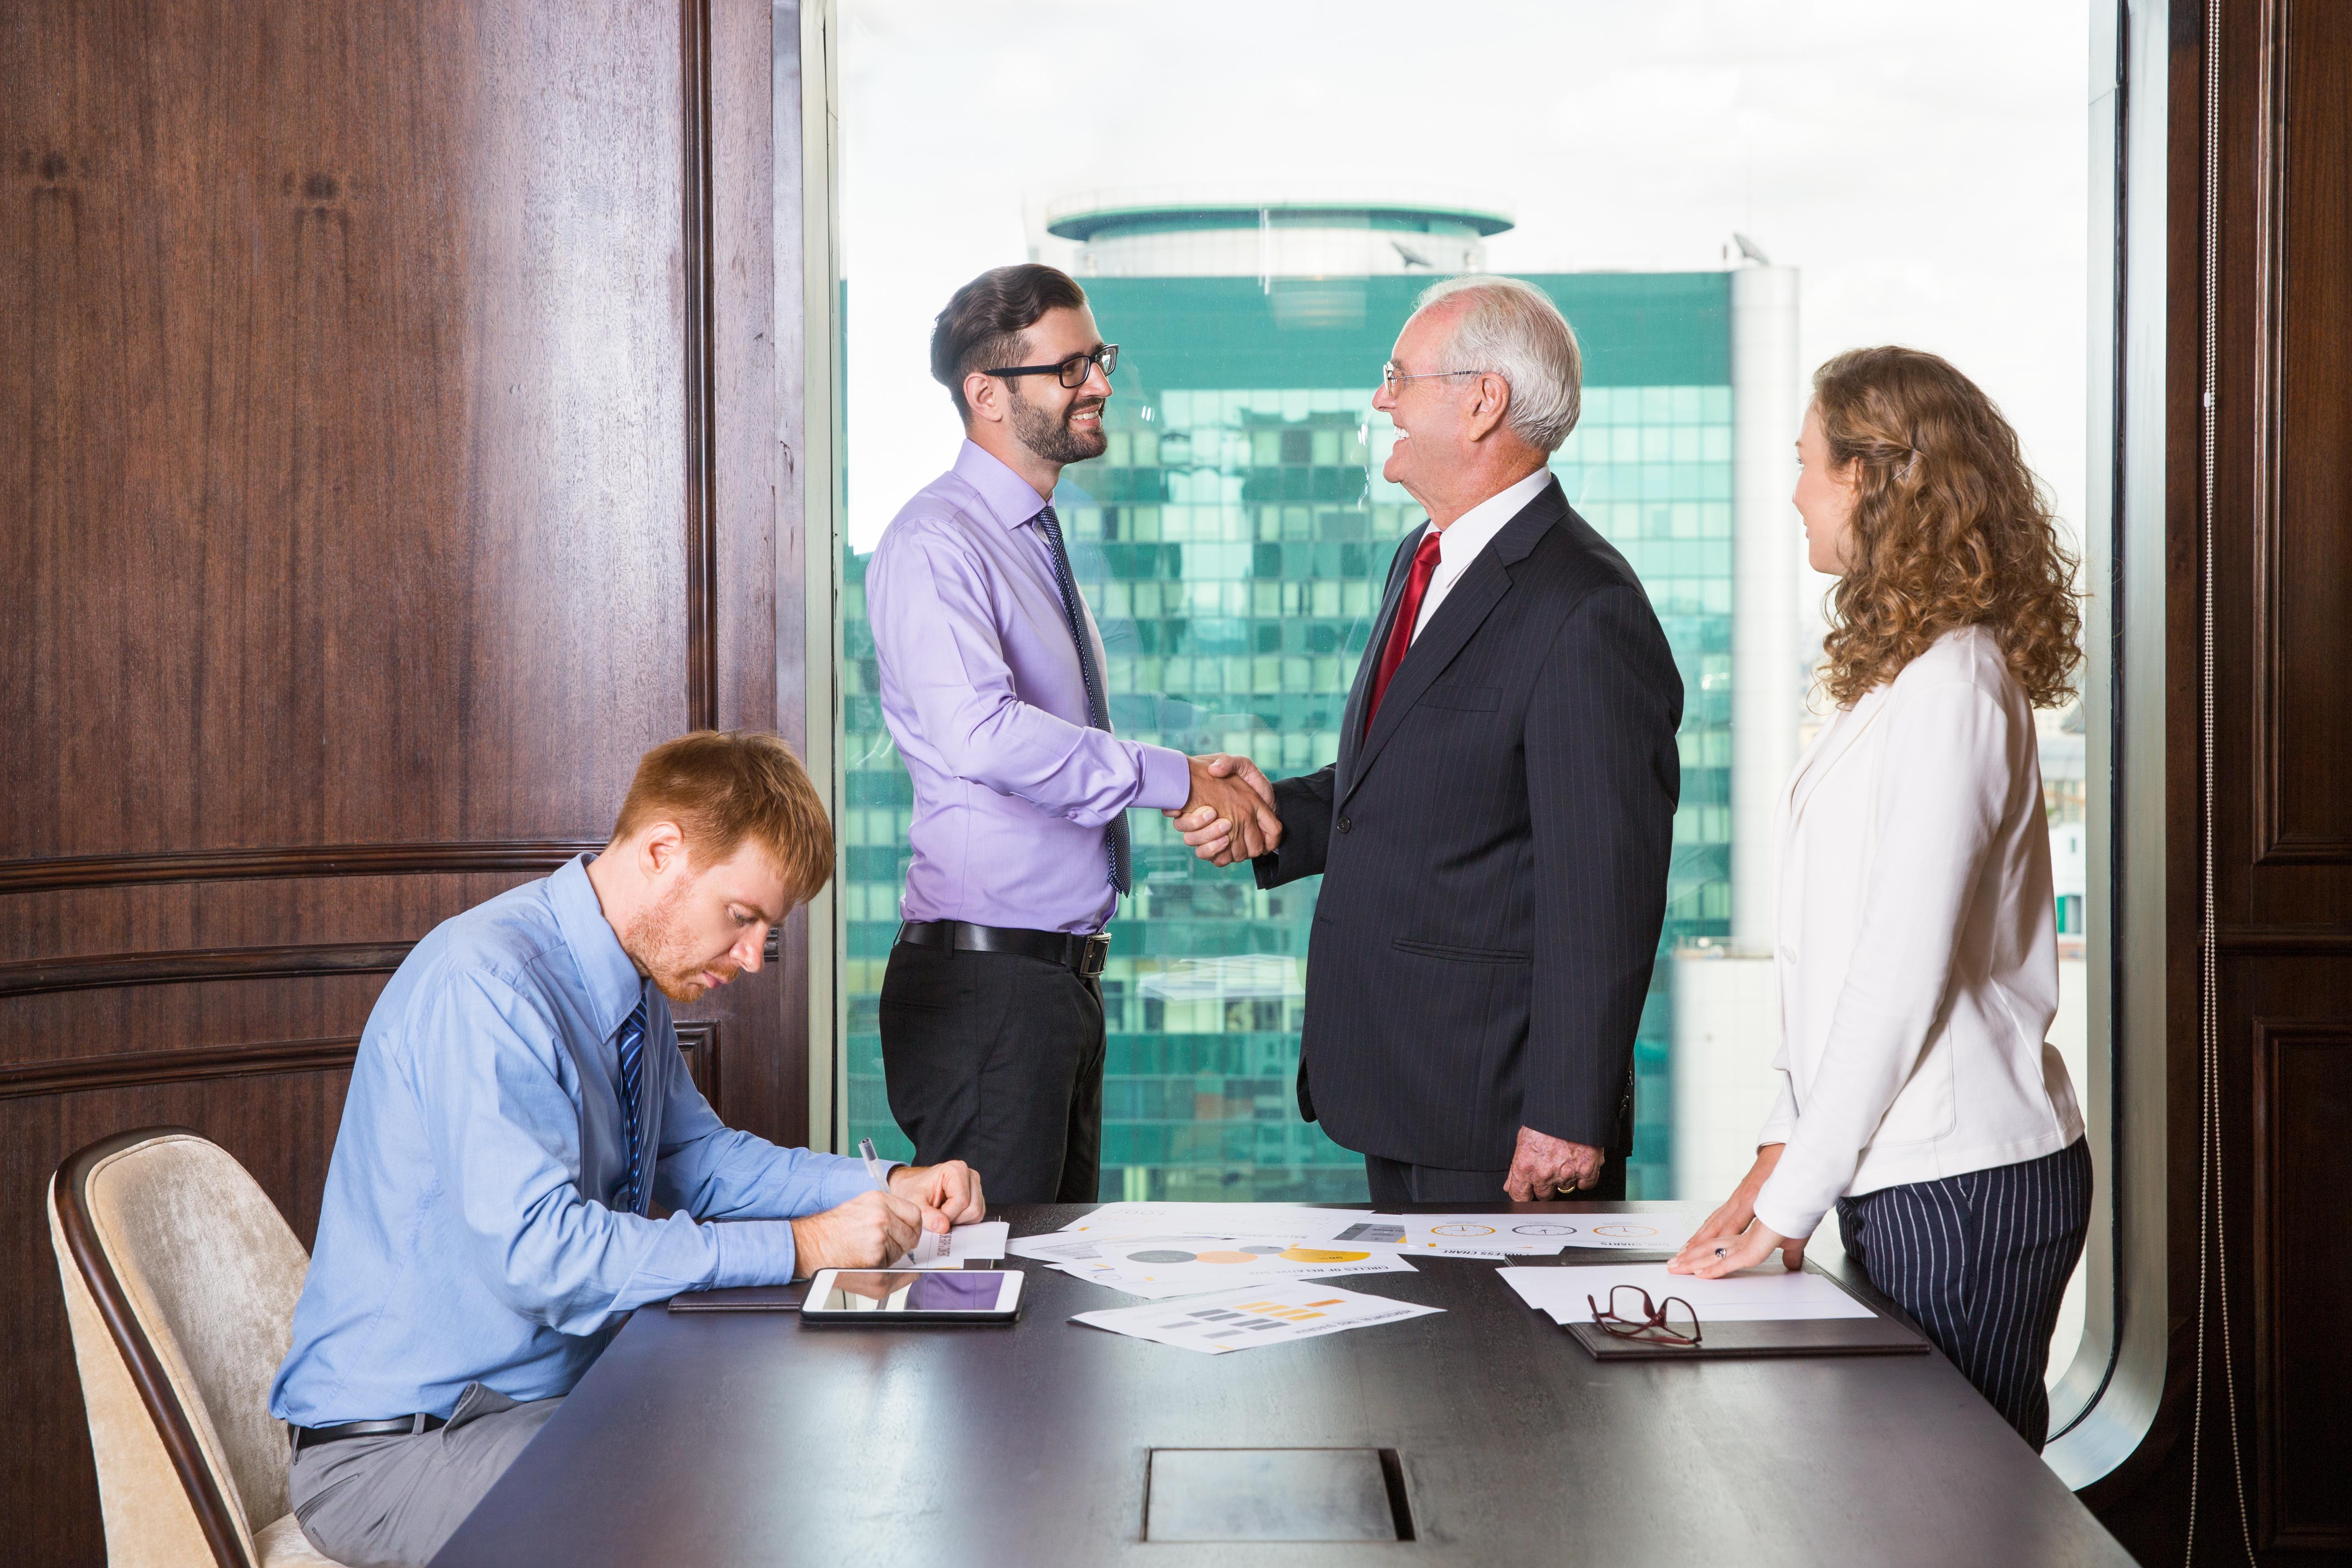 Quer atingir resultados inimagináveis? Aprenda sobre a metodologia de negociação Harvard